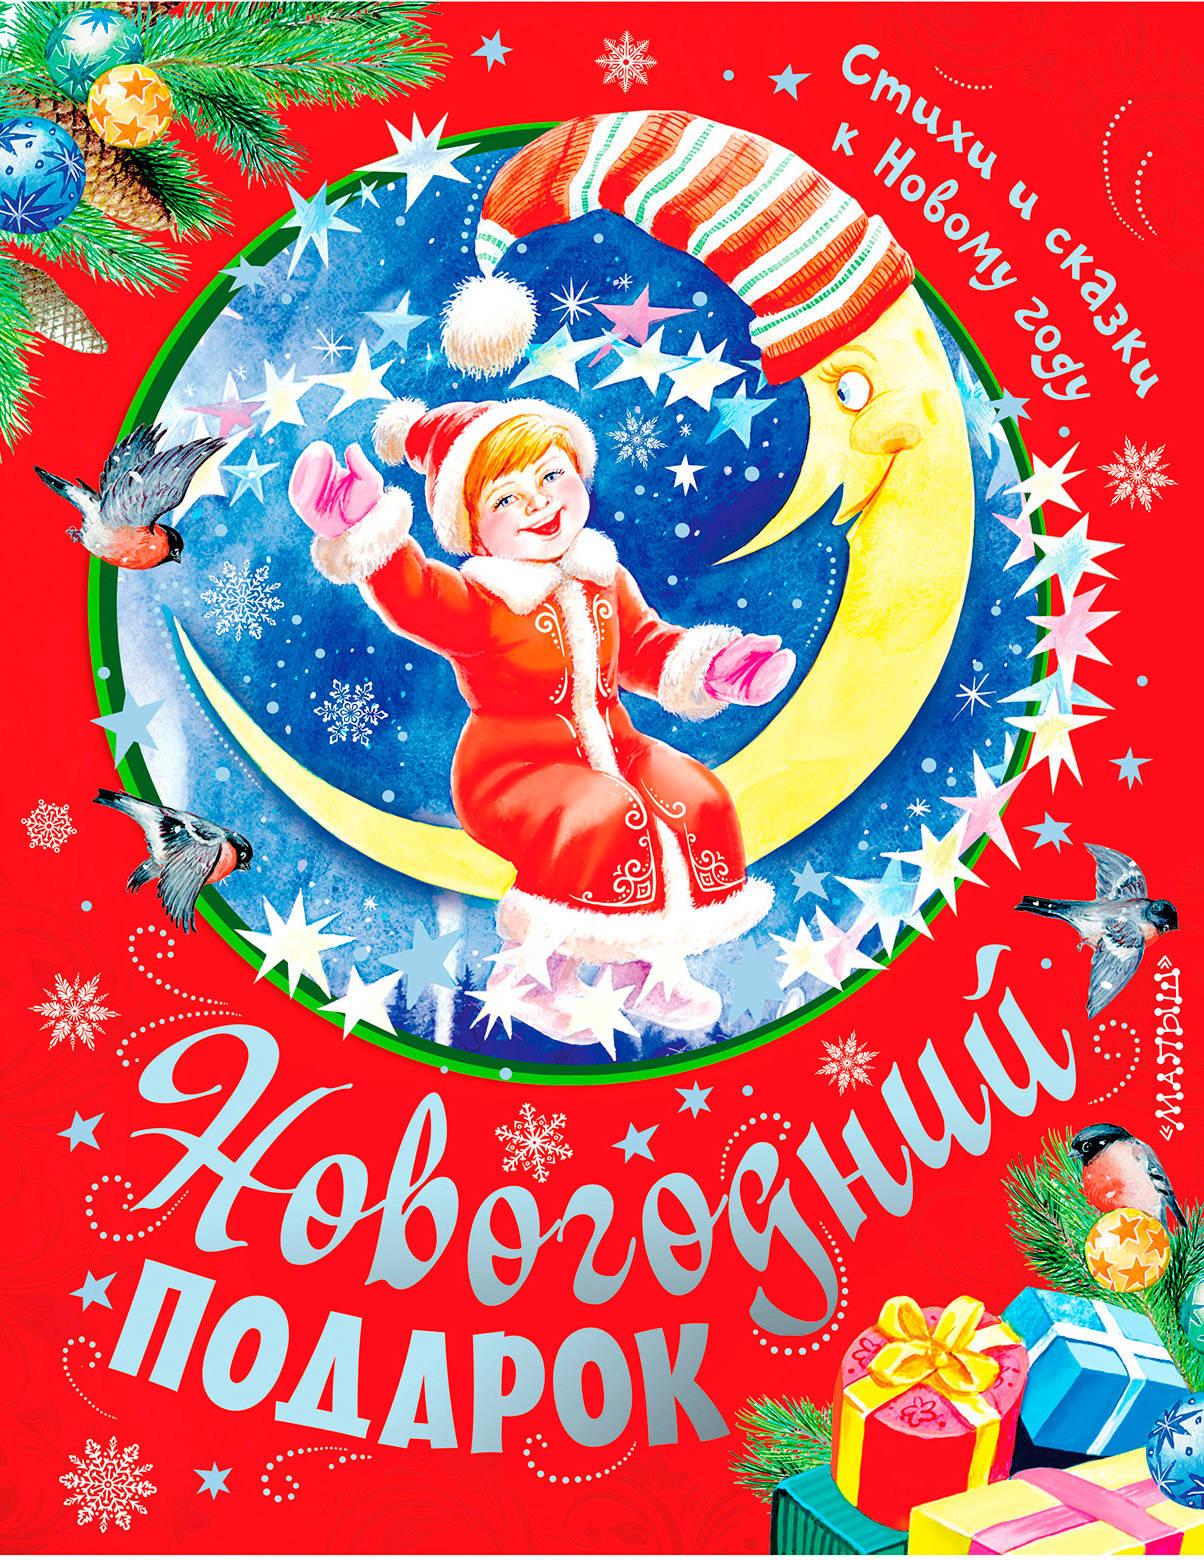 Купить Новогодний подарок. Стихи и Сказки к Новому Году, АСТ, Детская художественная литература